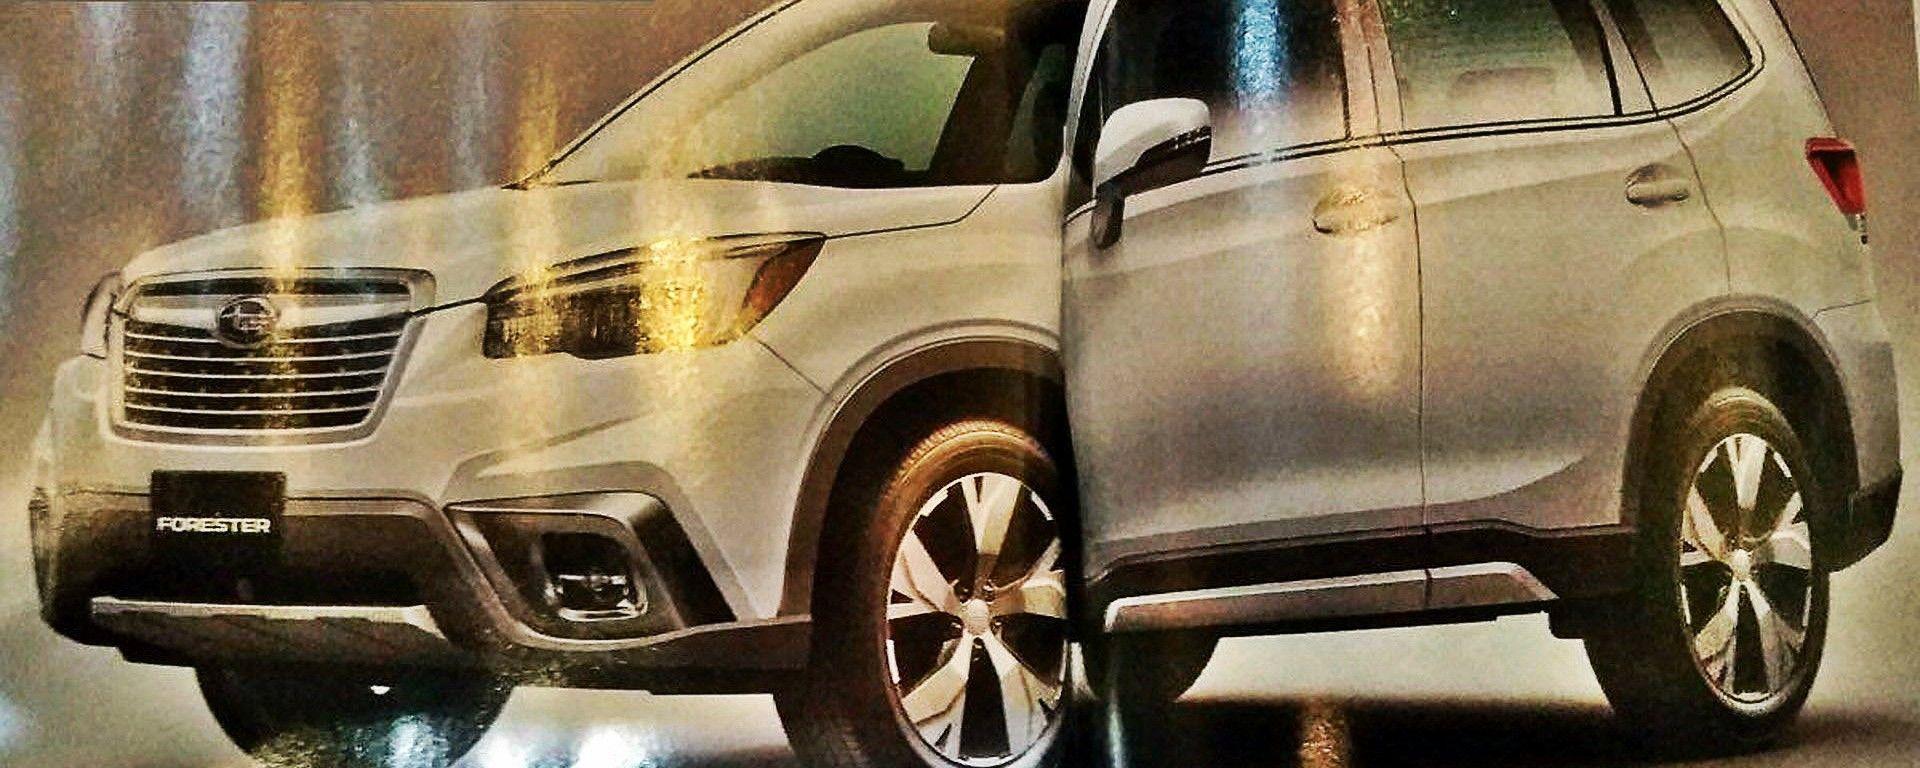 Nuova Subaru Forester 2019: le prime immagini in rete